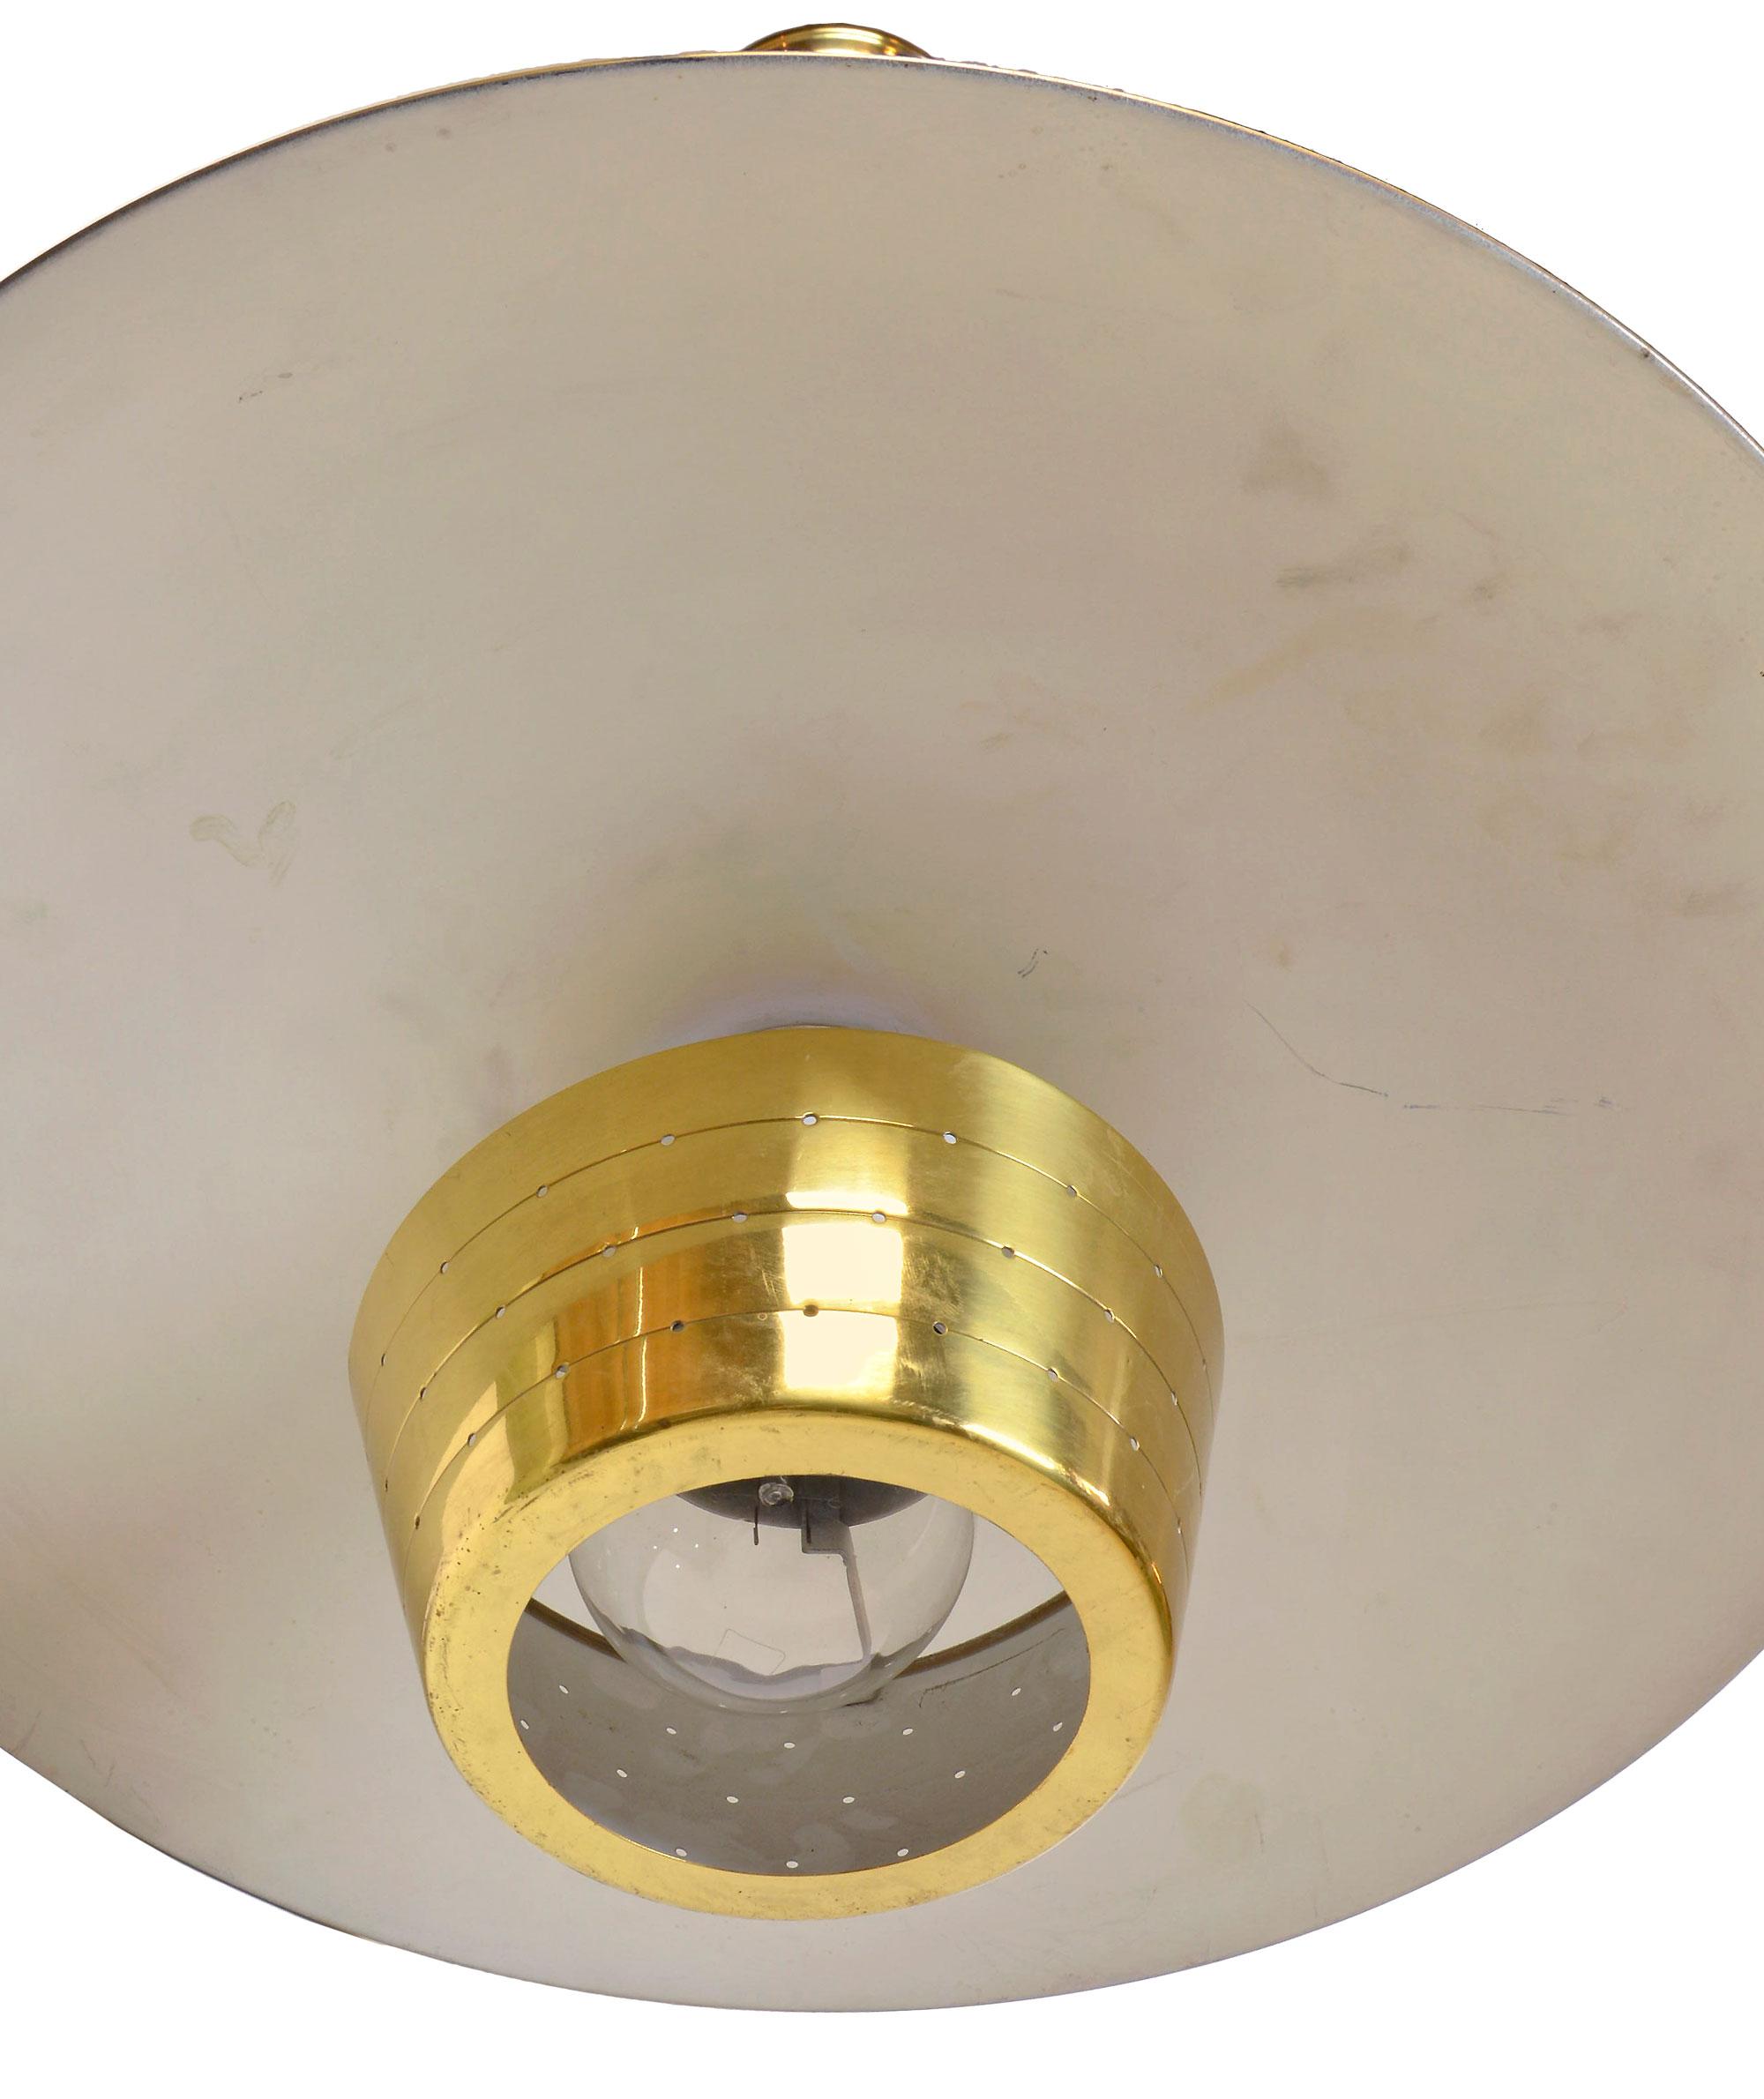 46654-lightolier-pendant-bottom.jpg